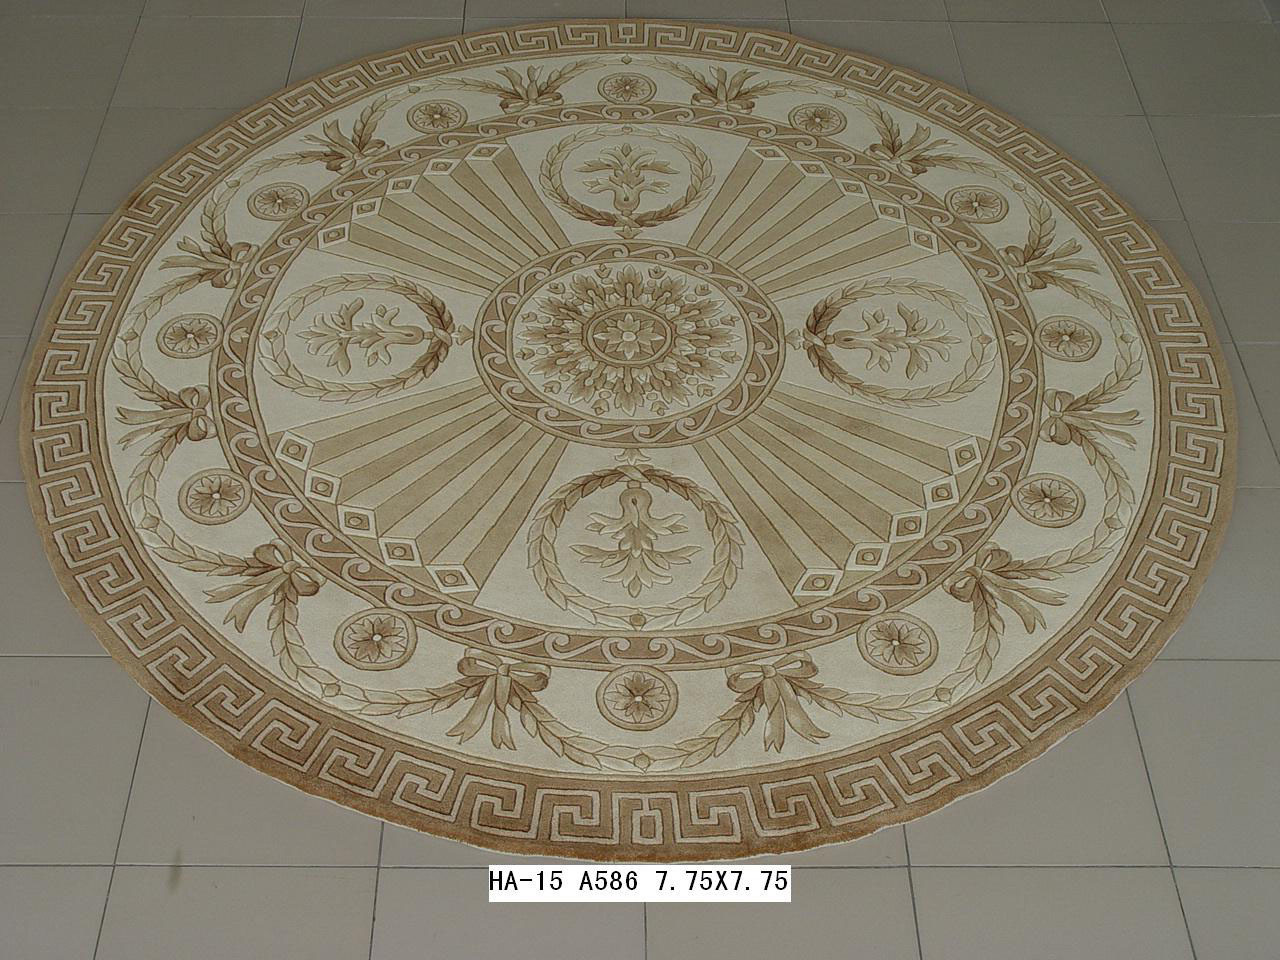 峥嵘毯业 纯羊毛美式乡村叶子圆形欧美手工织造 地毯